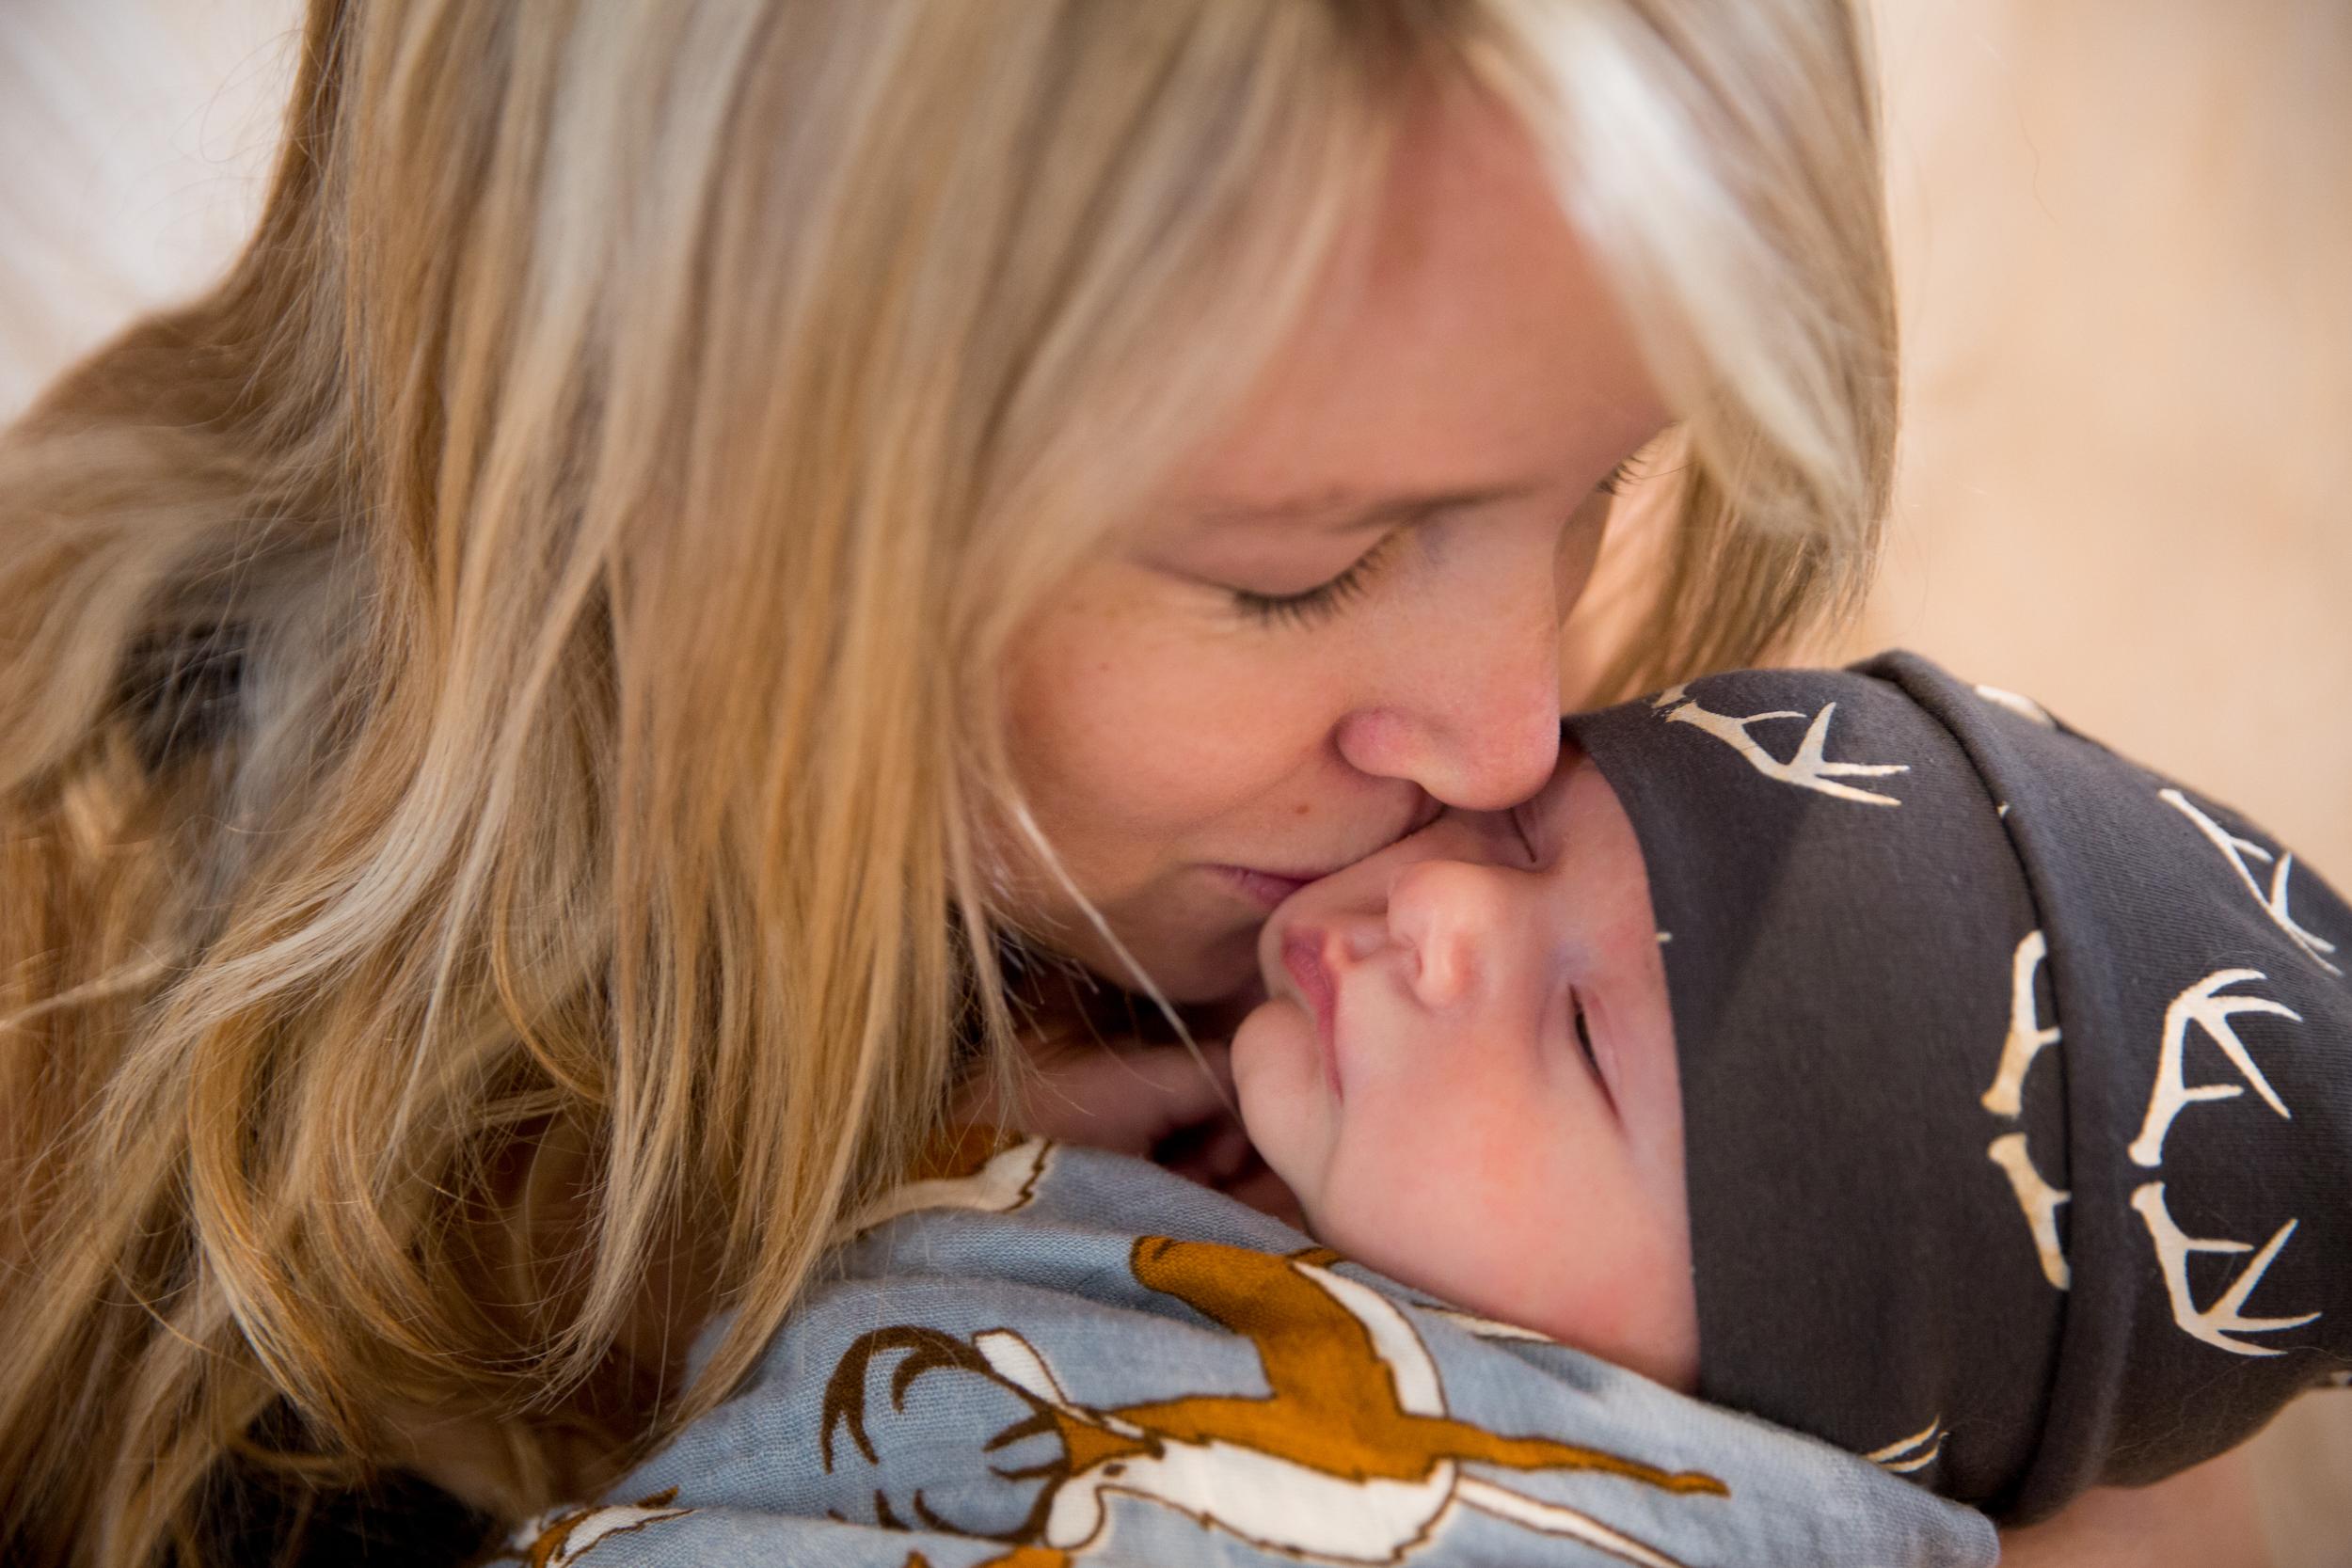 WEB_9-21-17_RhettKrips_Newborn-22.jpg